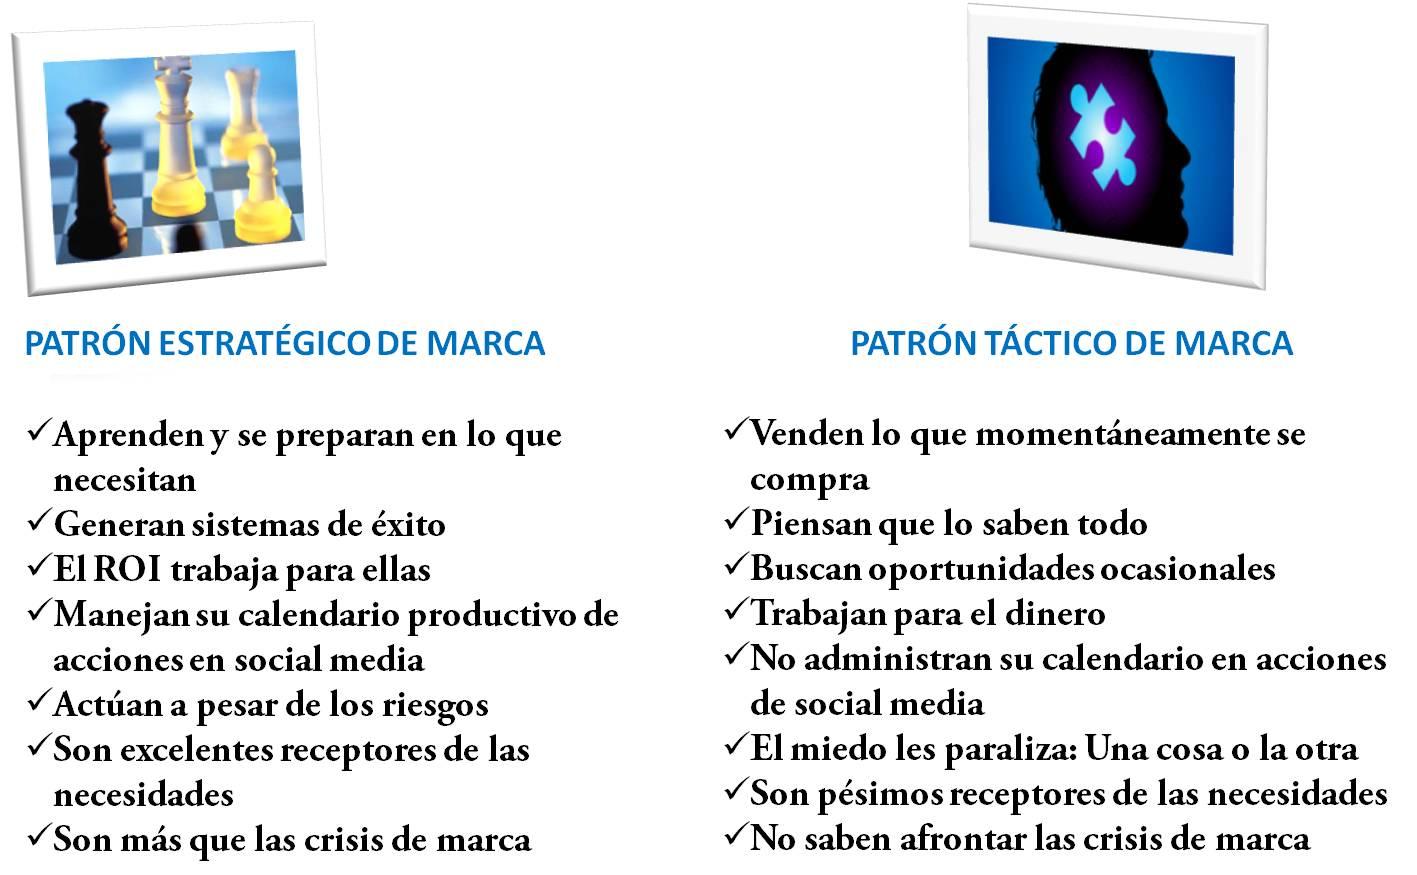 Neurocomunicación-8 Patrones-de-una-marca-Marité-Rodríguez